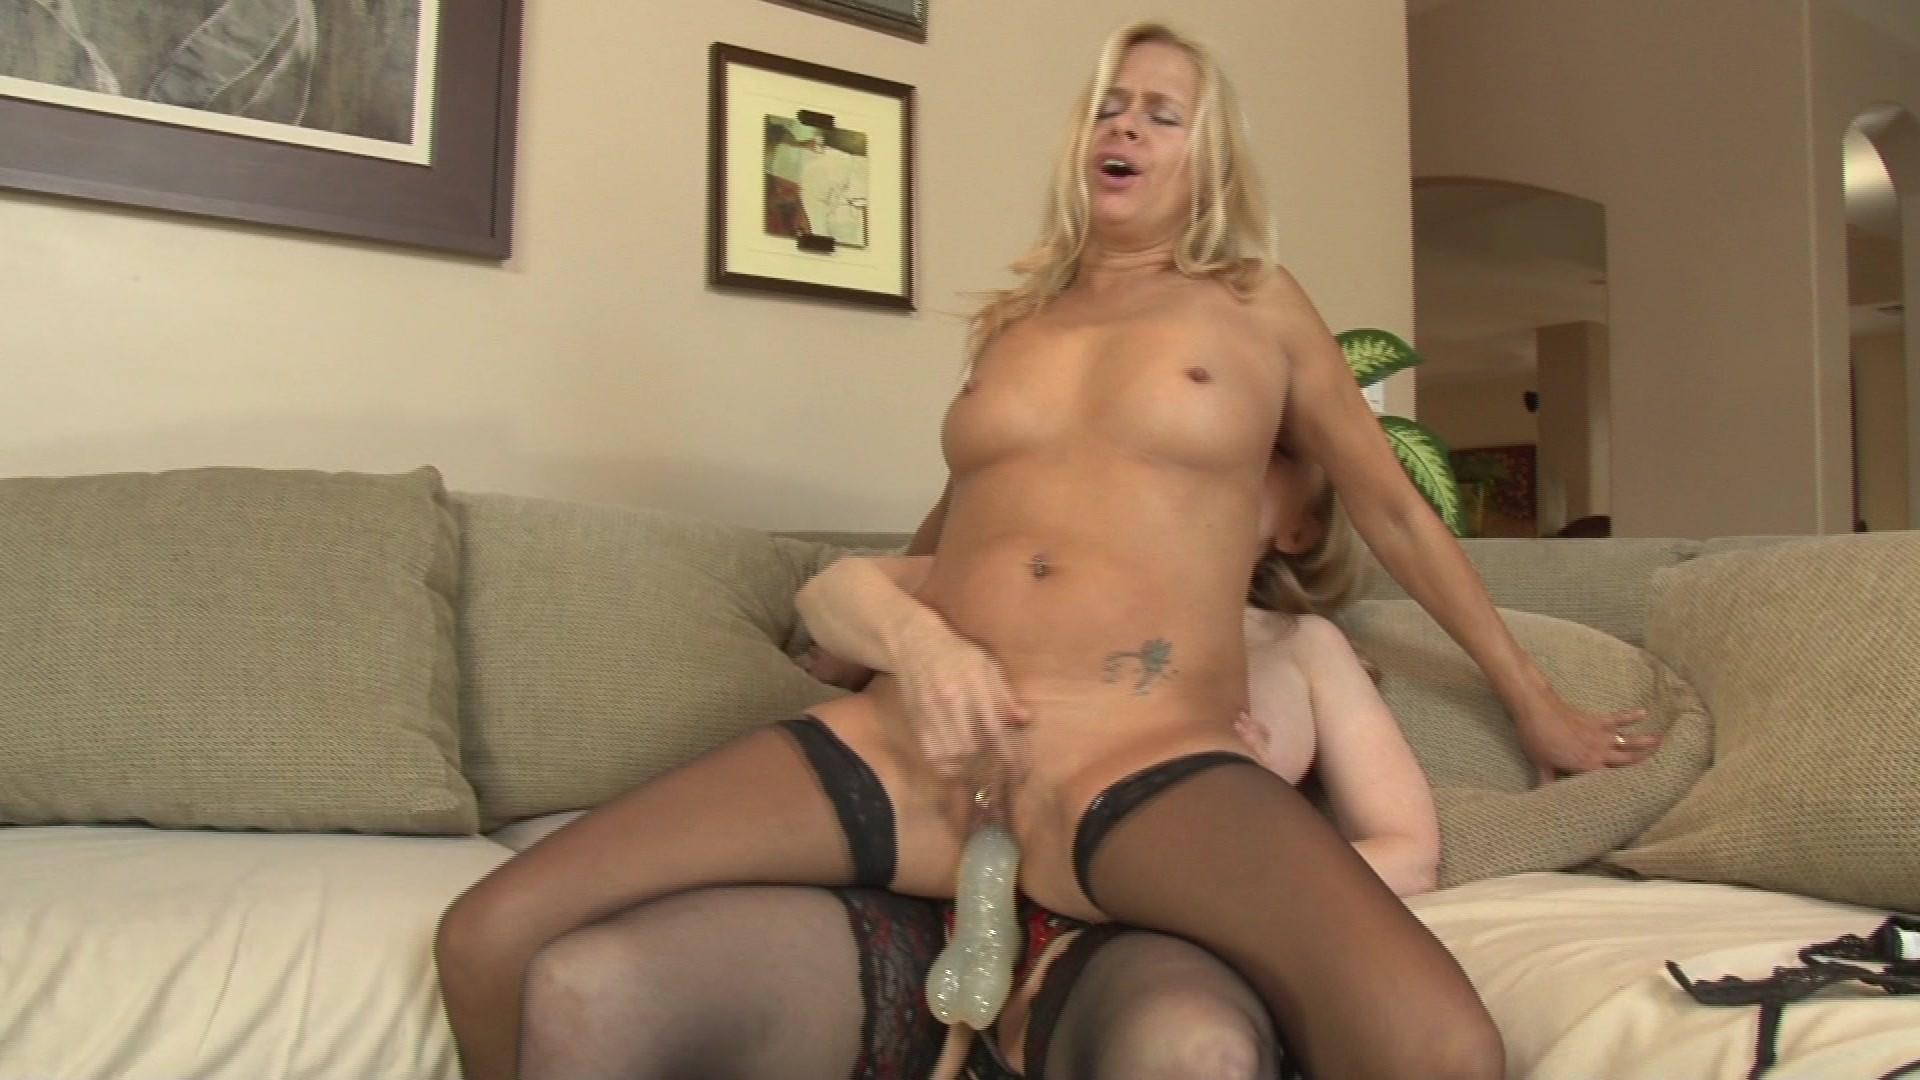 lesbian Nina movie hartley free